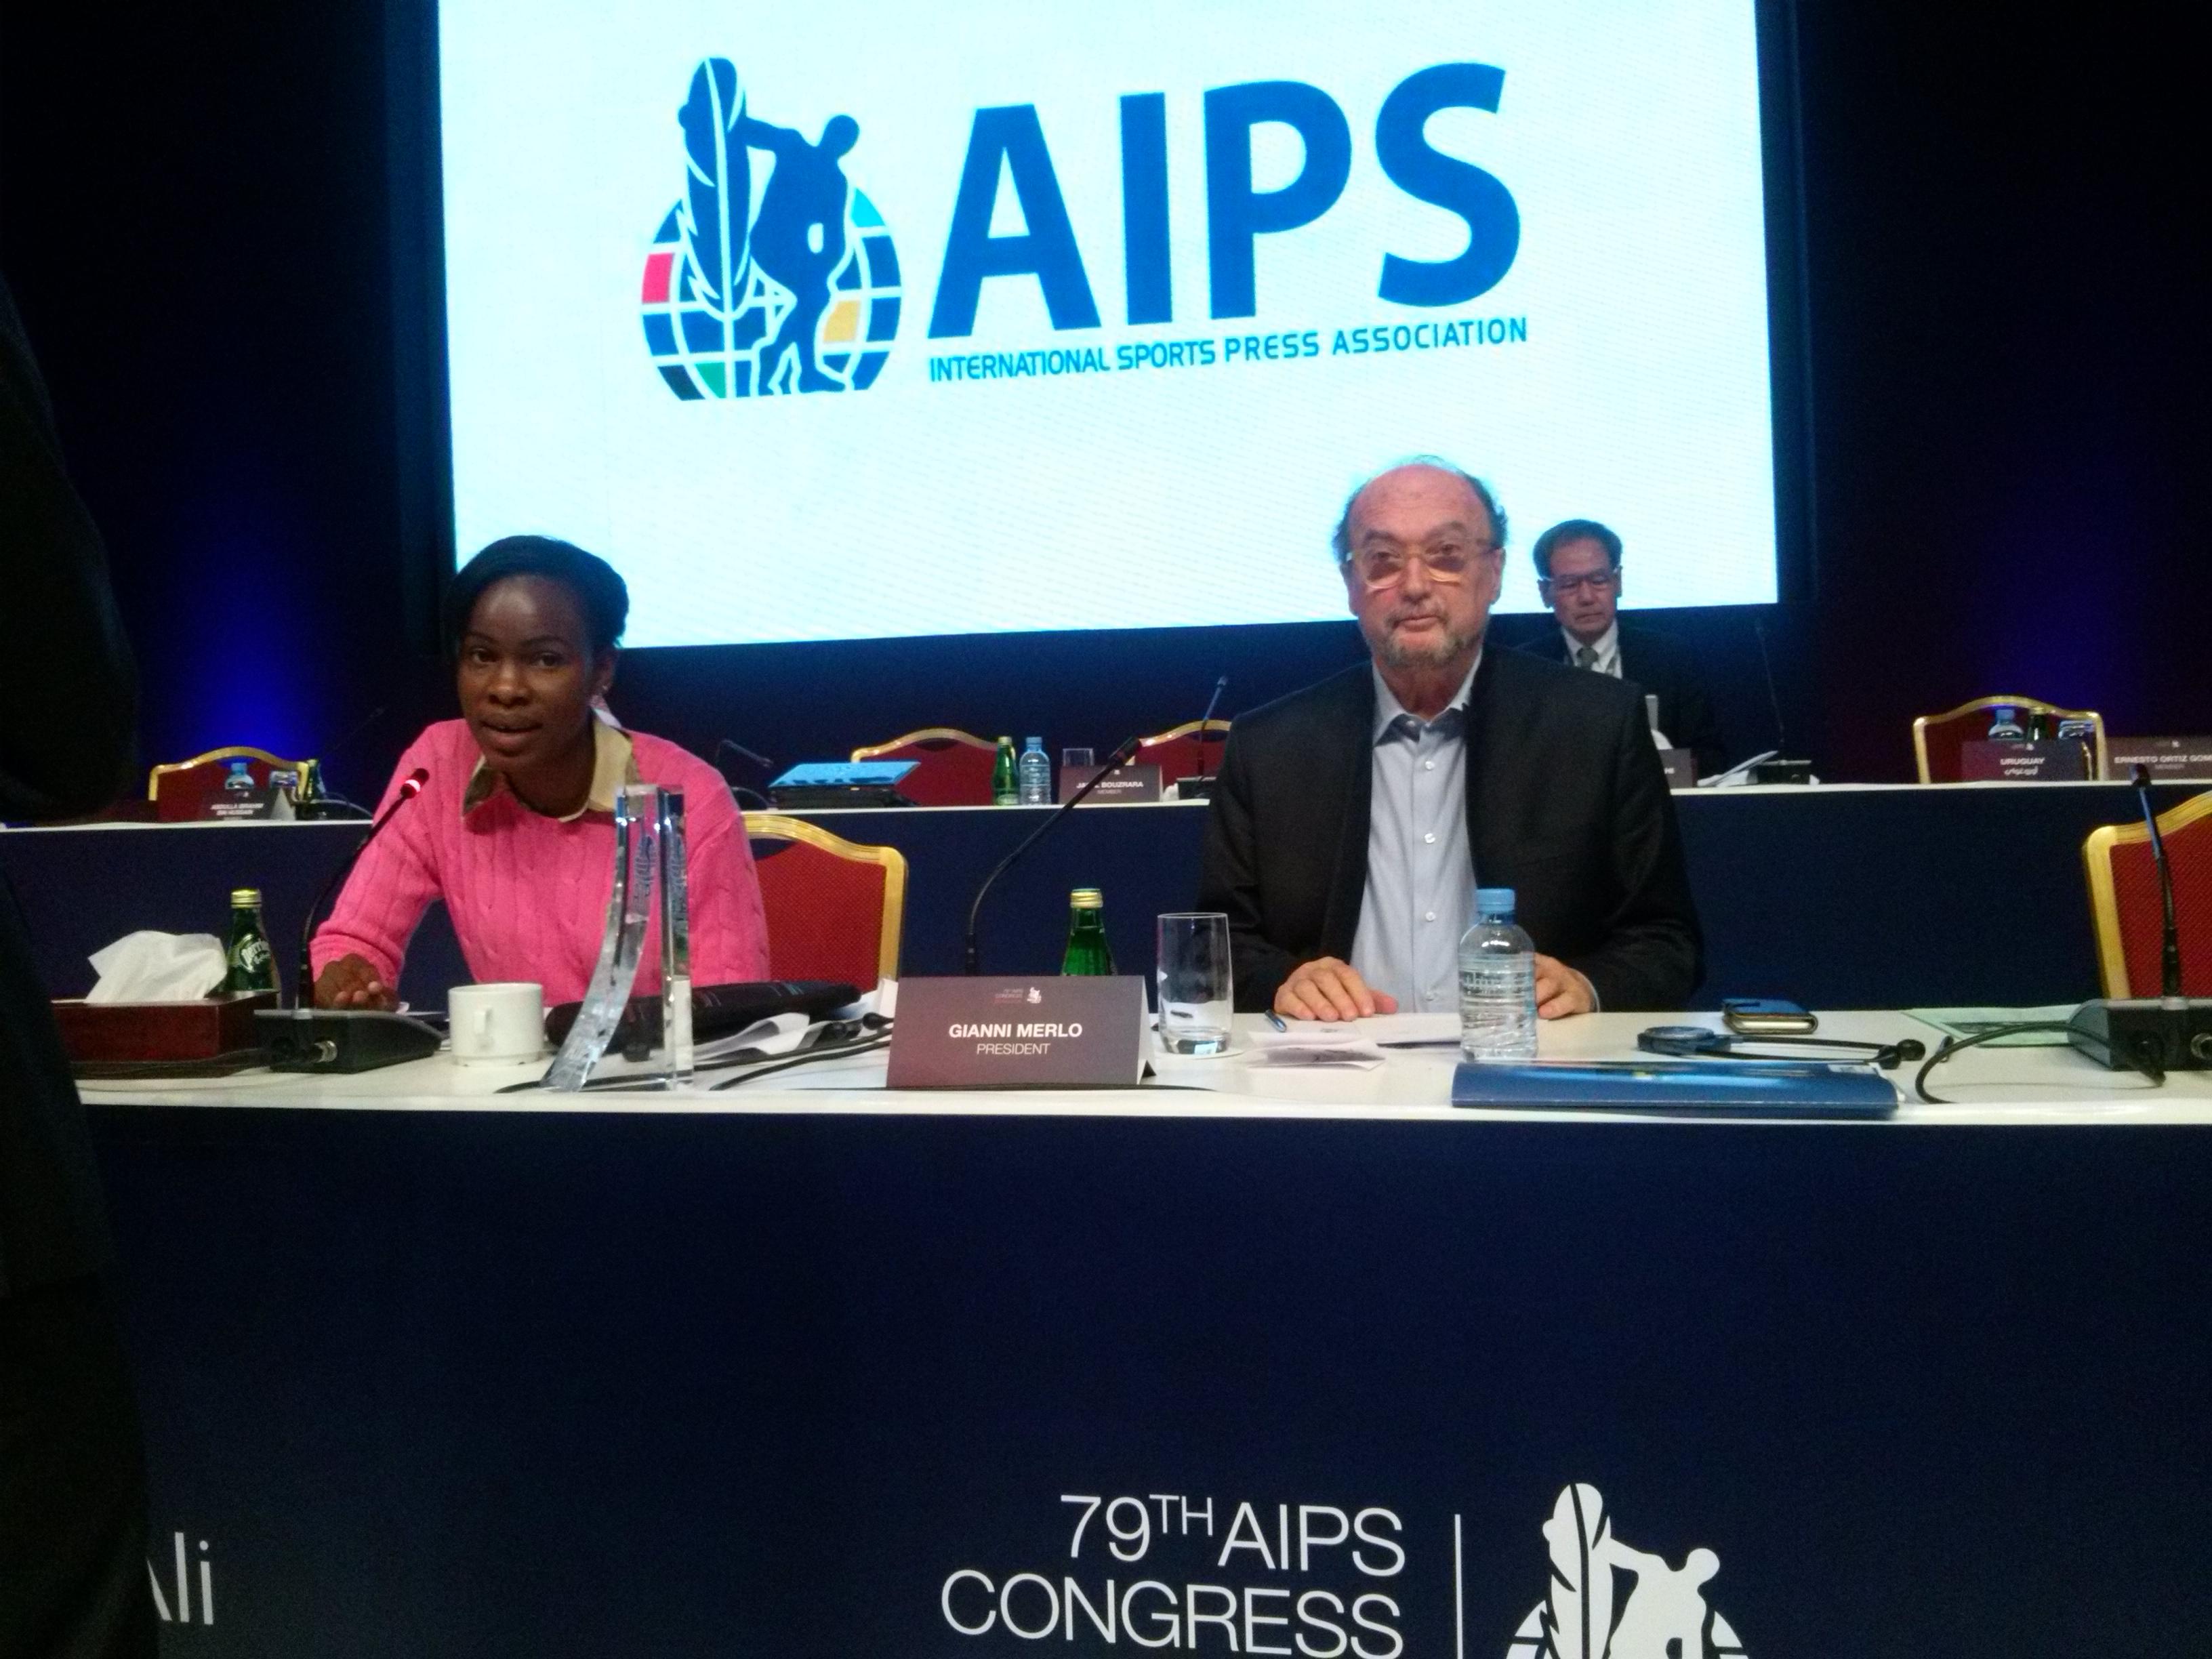 Ecos y retos de AIPS en Qatar